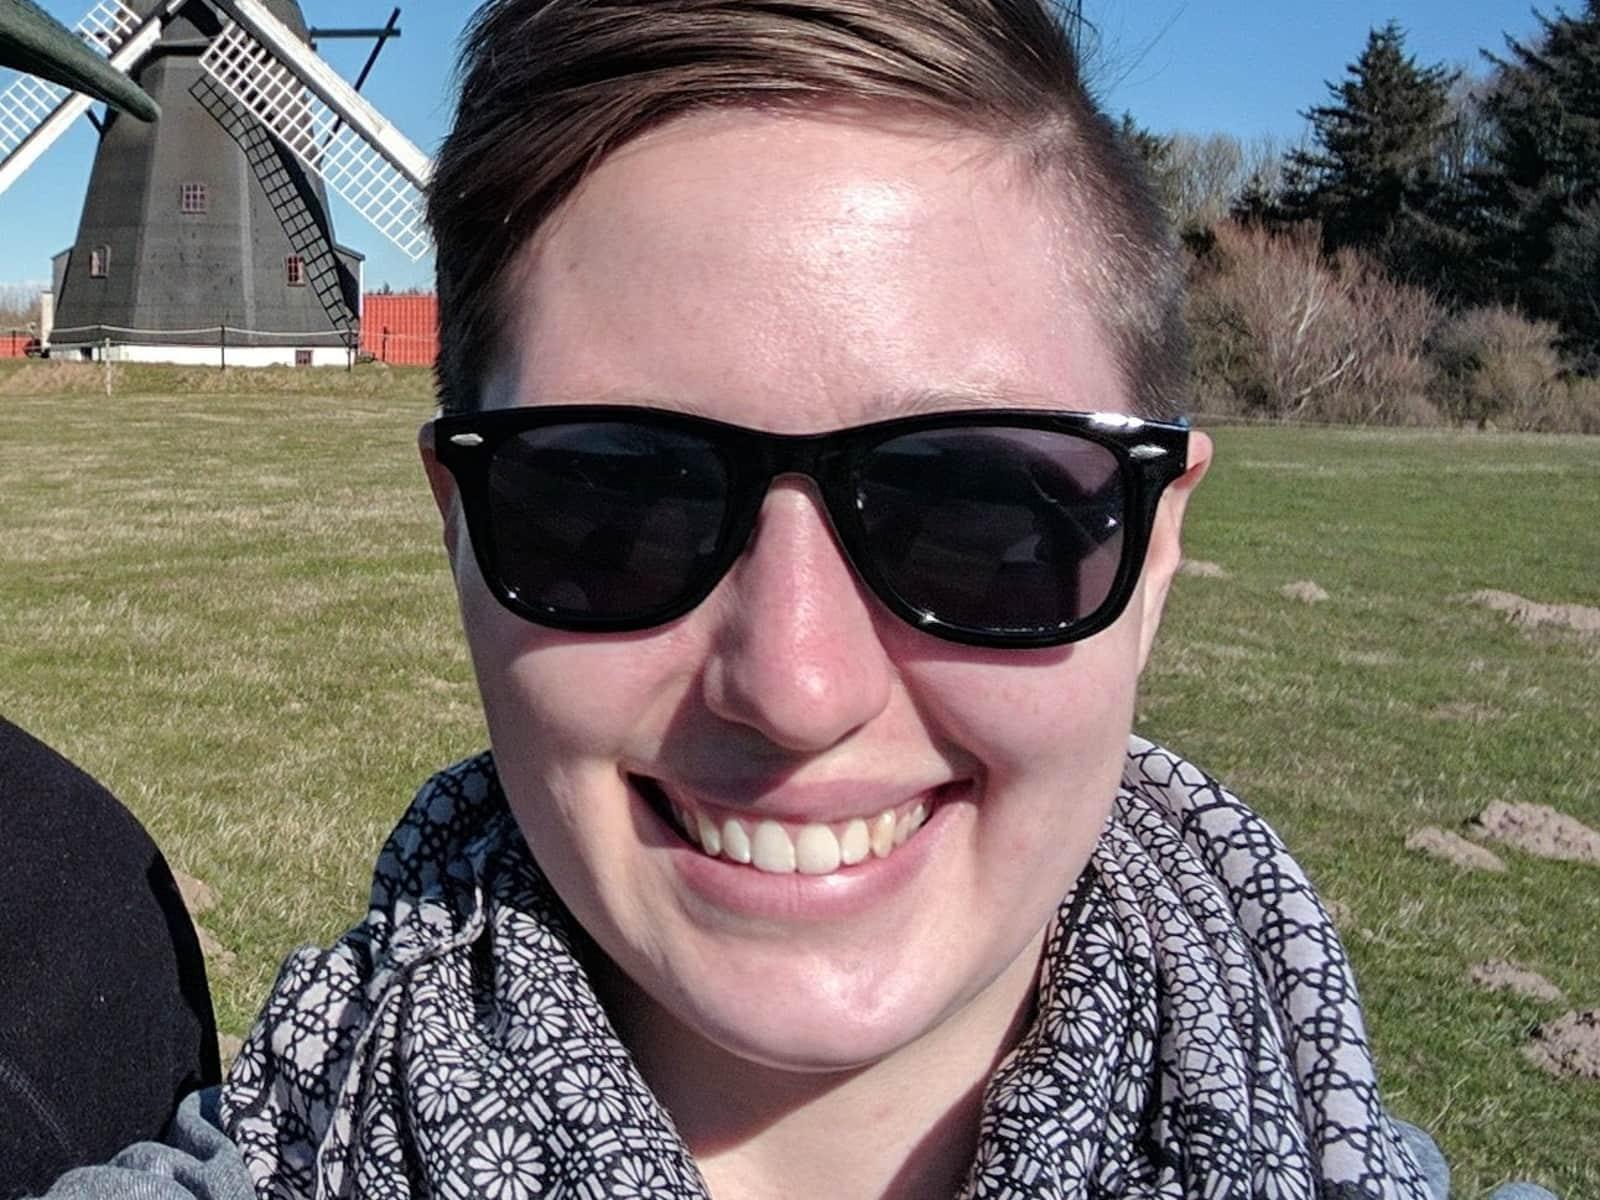 Bailey from Aalborg, Denmark